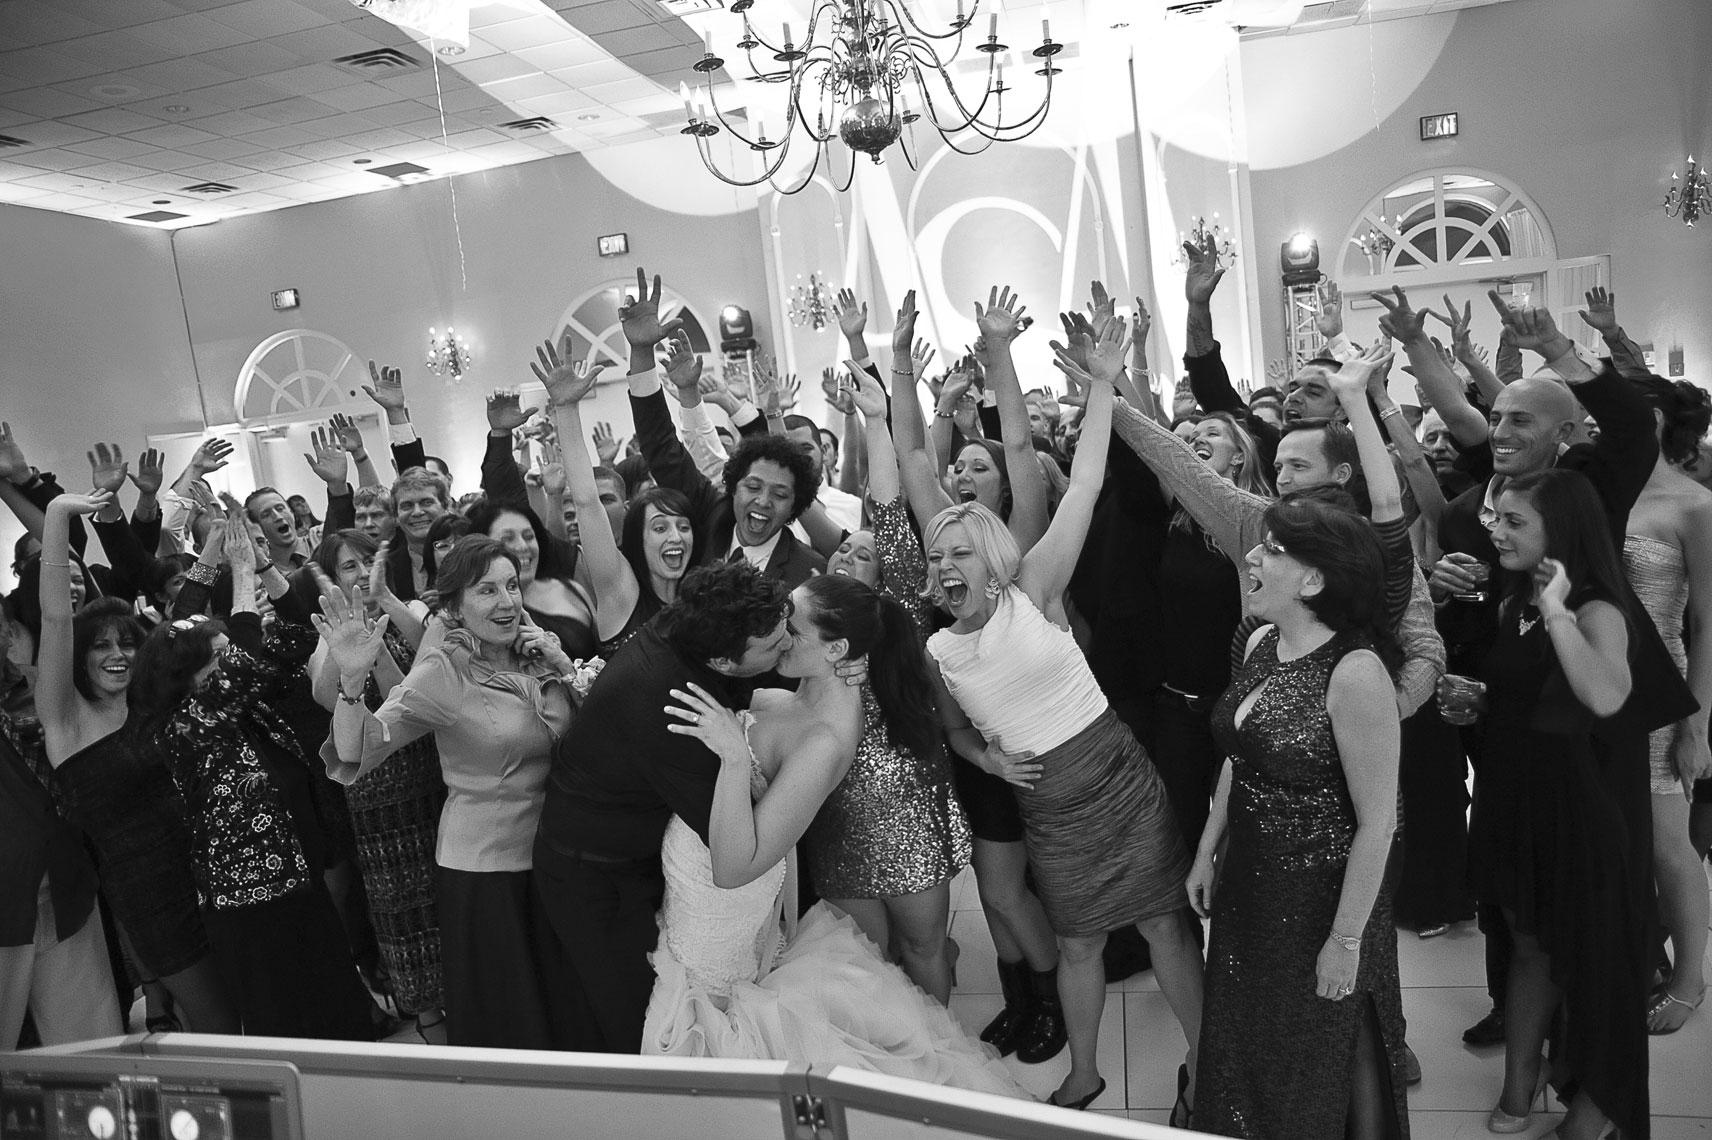 berkeleyoceanfrontwedding-057